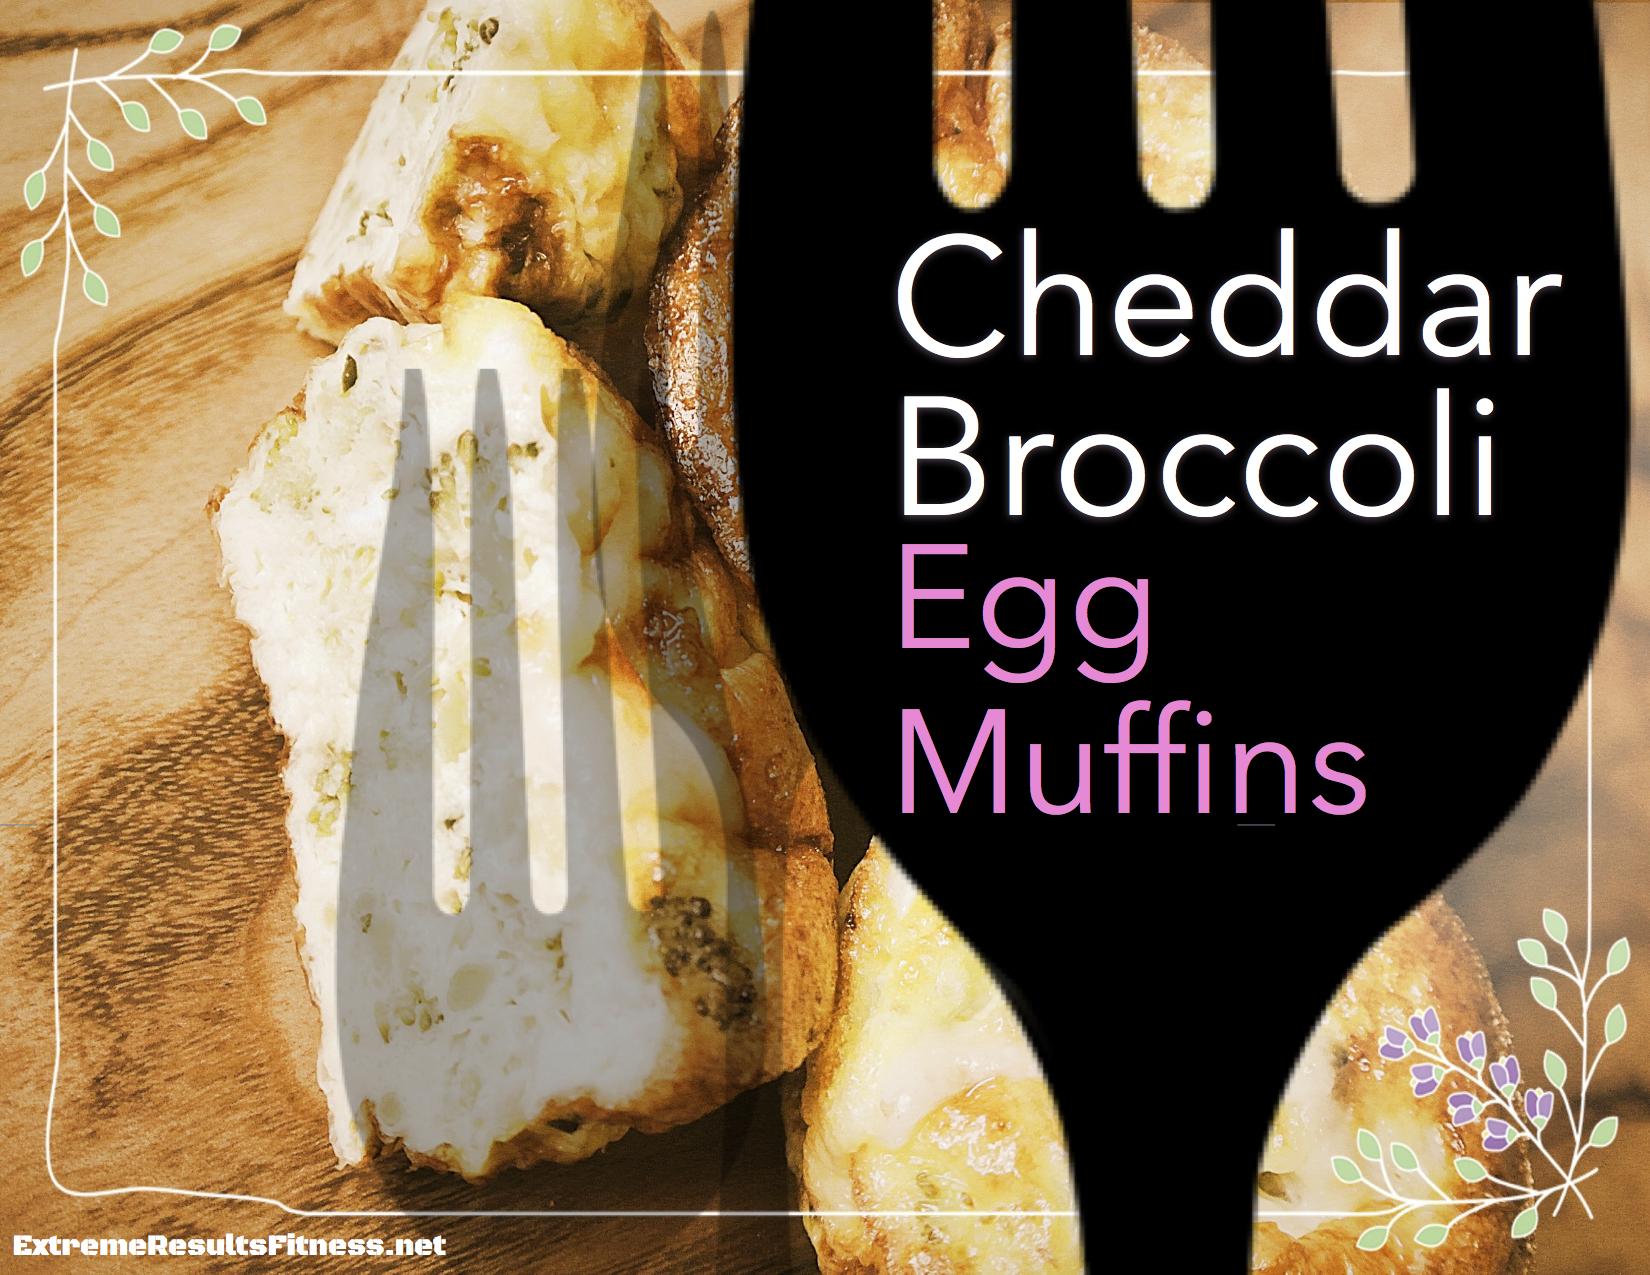 cheddar-broccoli-egg-muffins